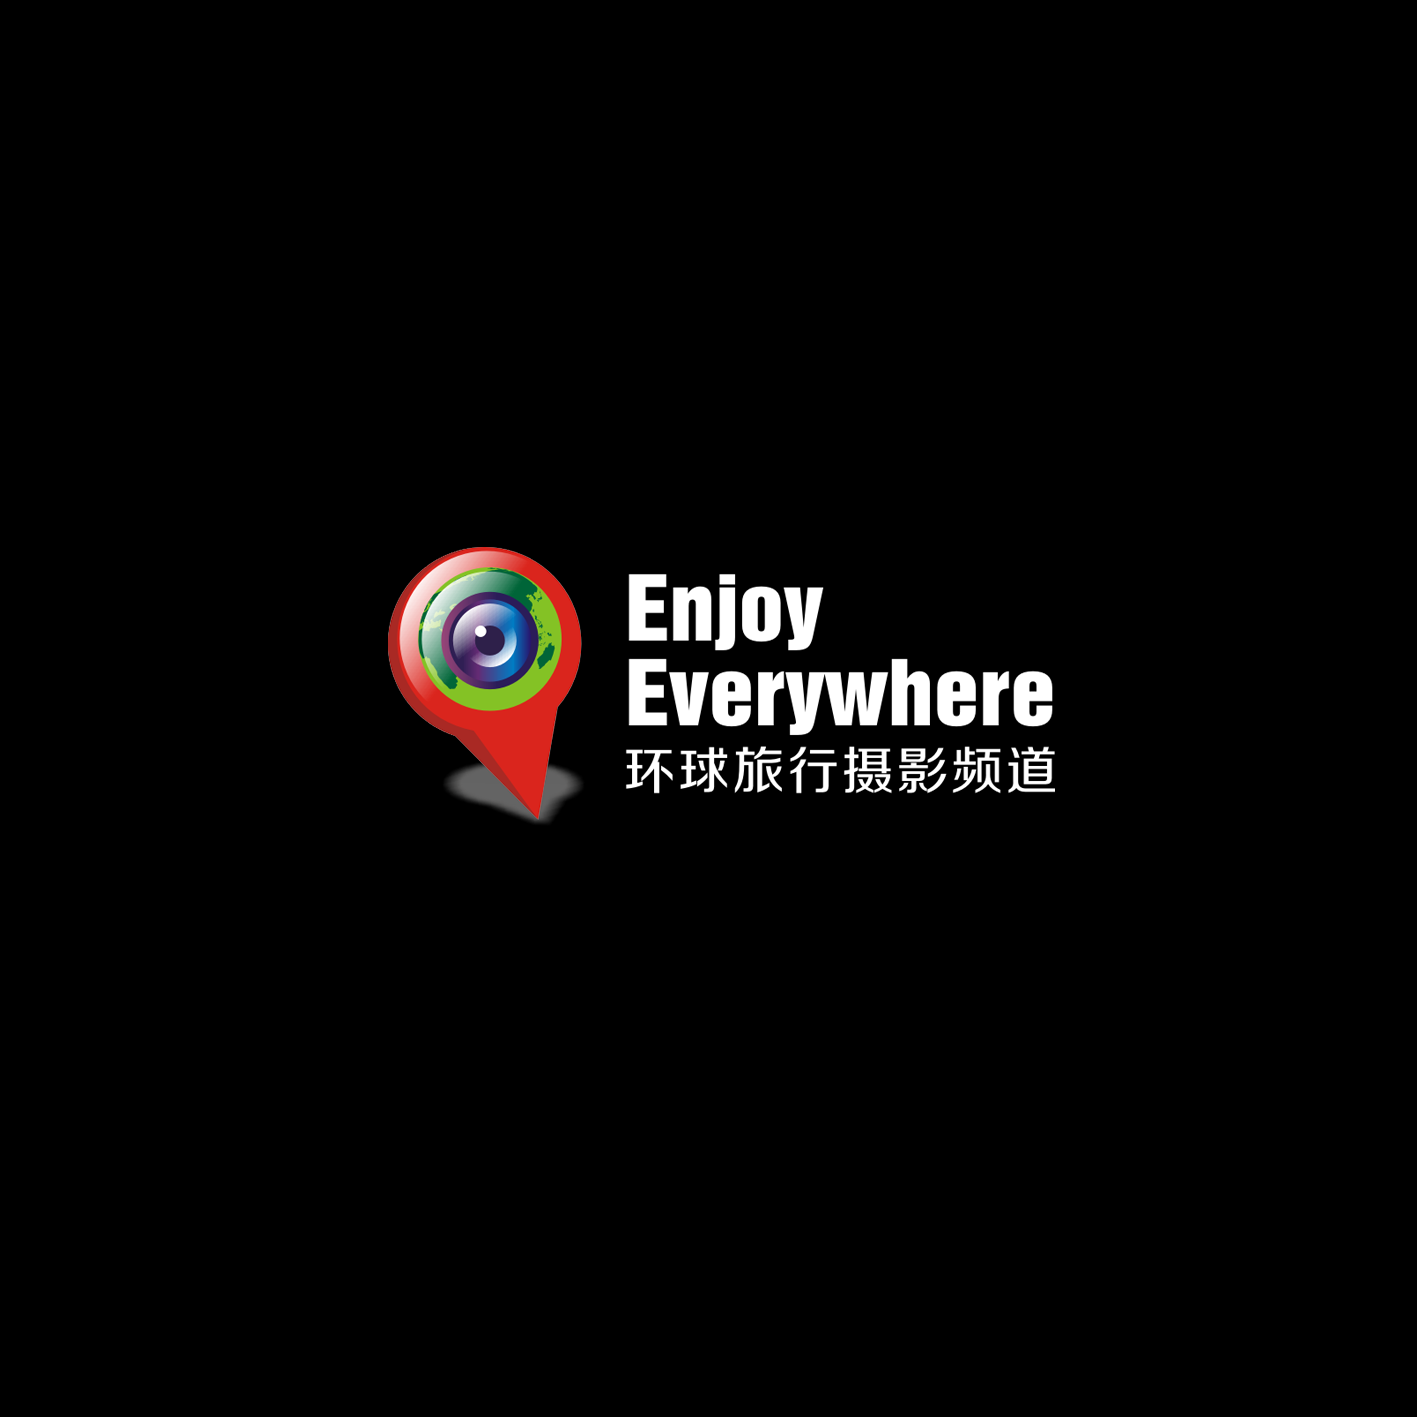 环球旅行摄影频道